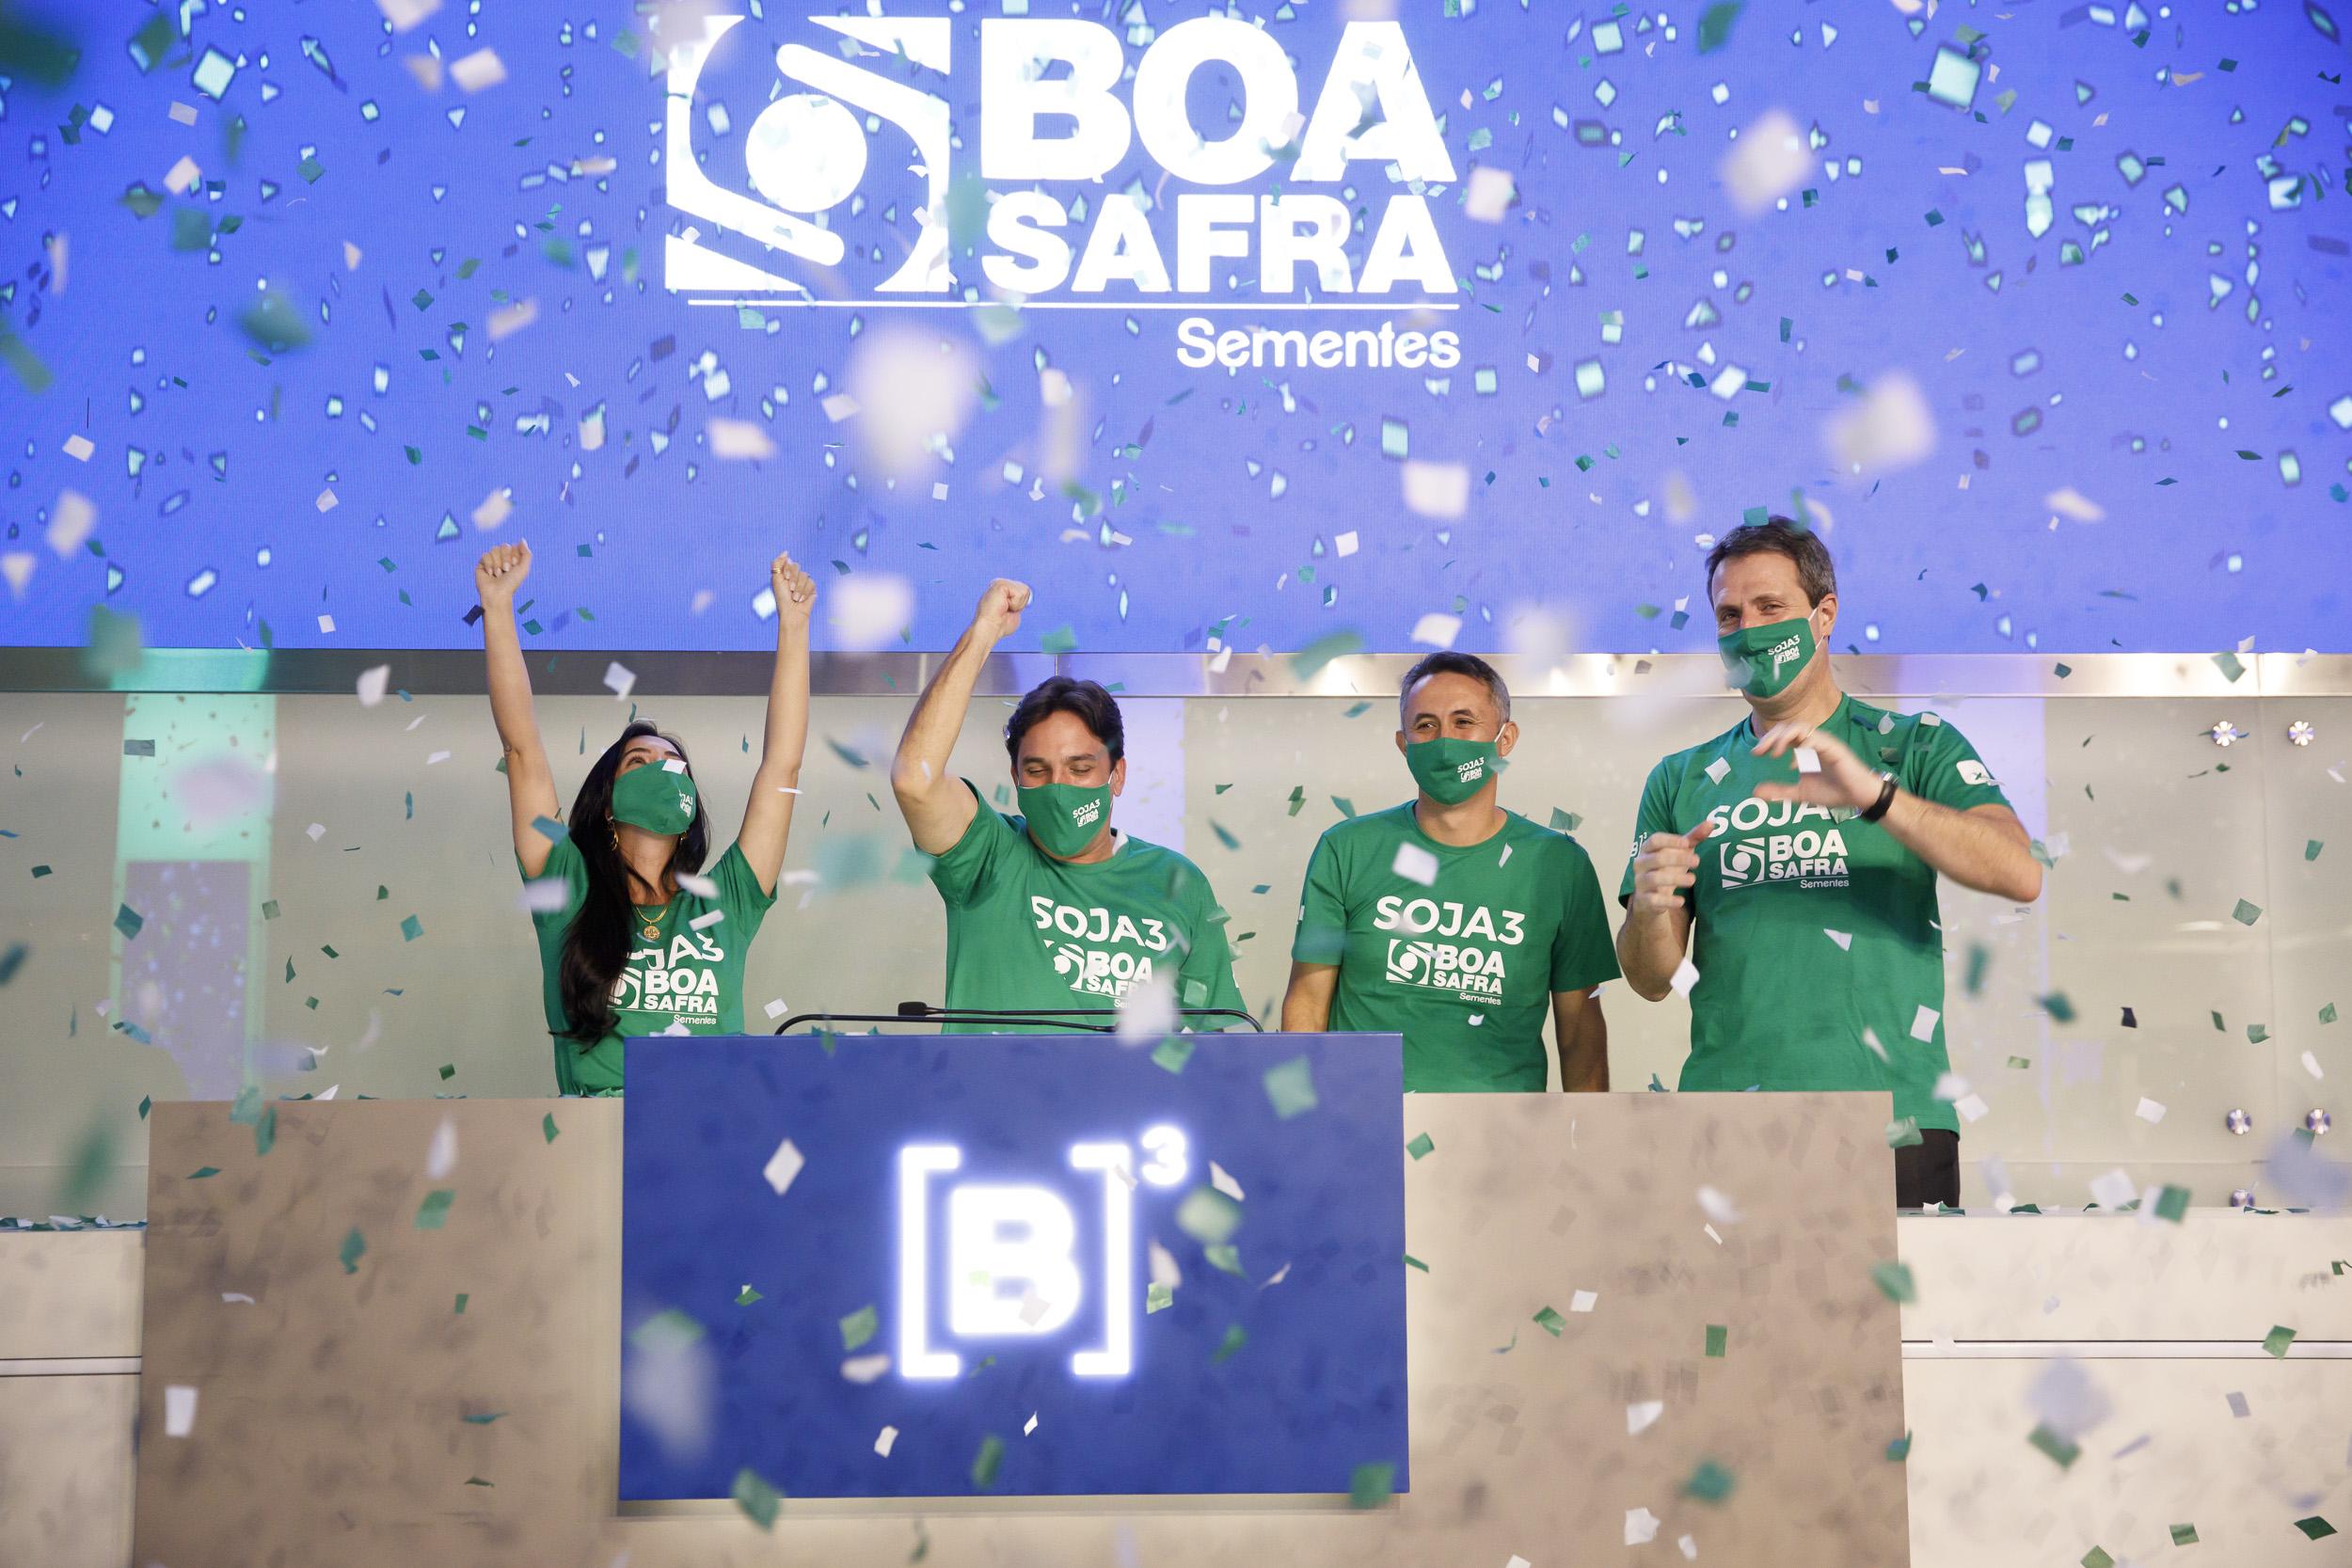 Boa Safra anuncia a sua entrada na Bolsa de Valores